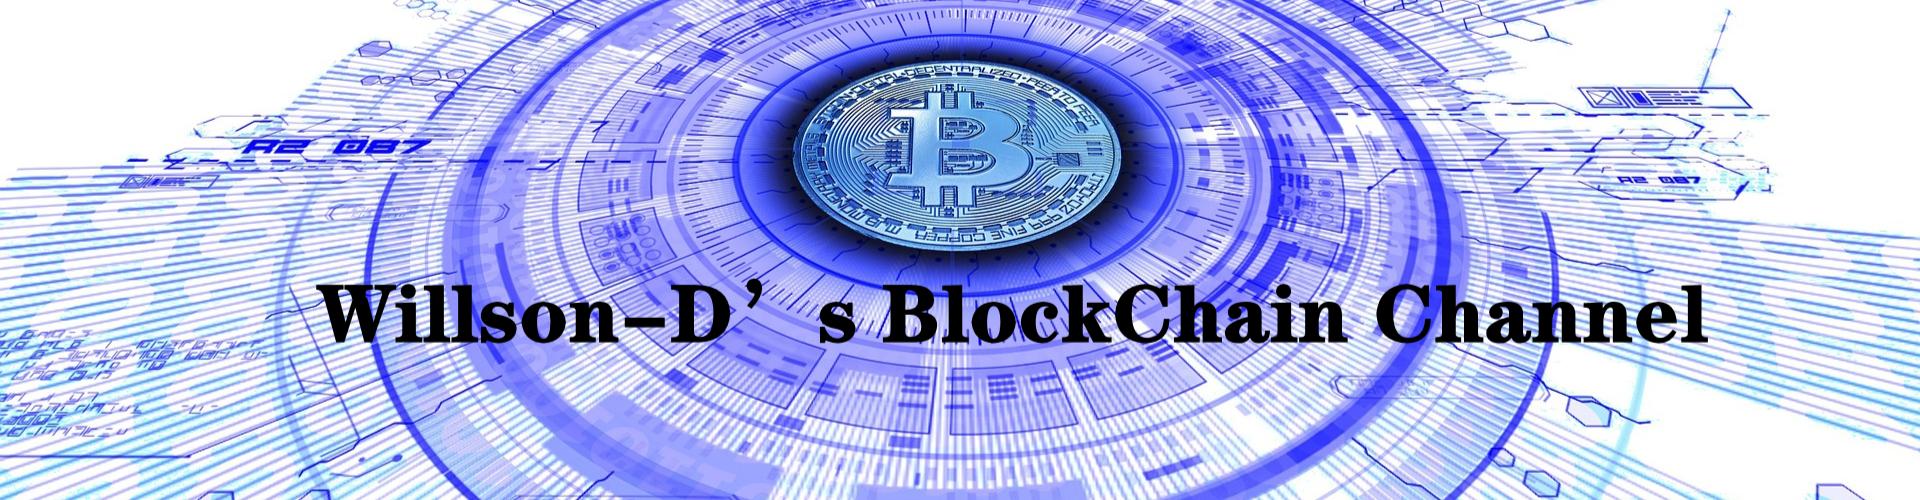 Willson-D's  BlockChain Channel